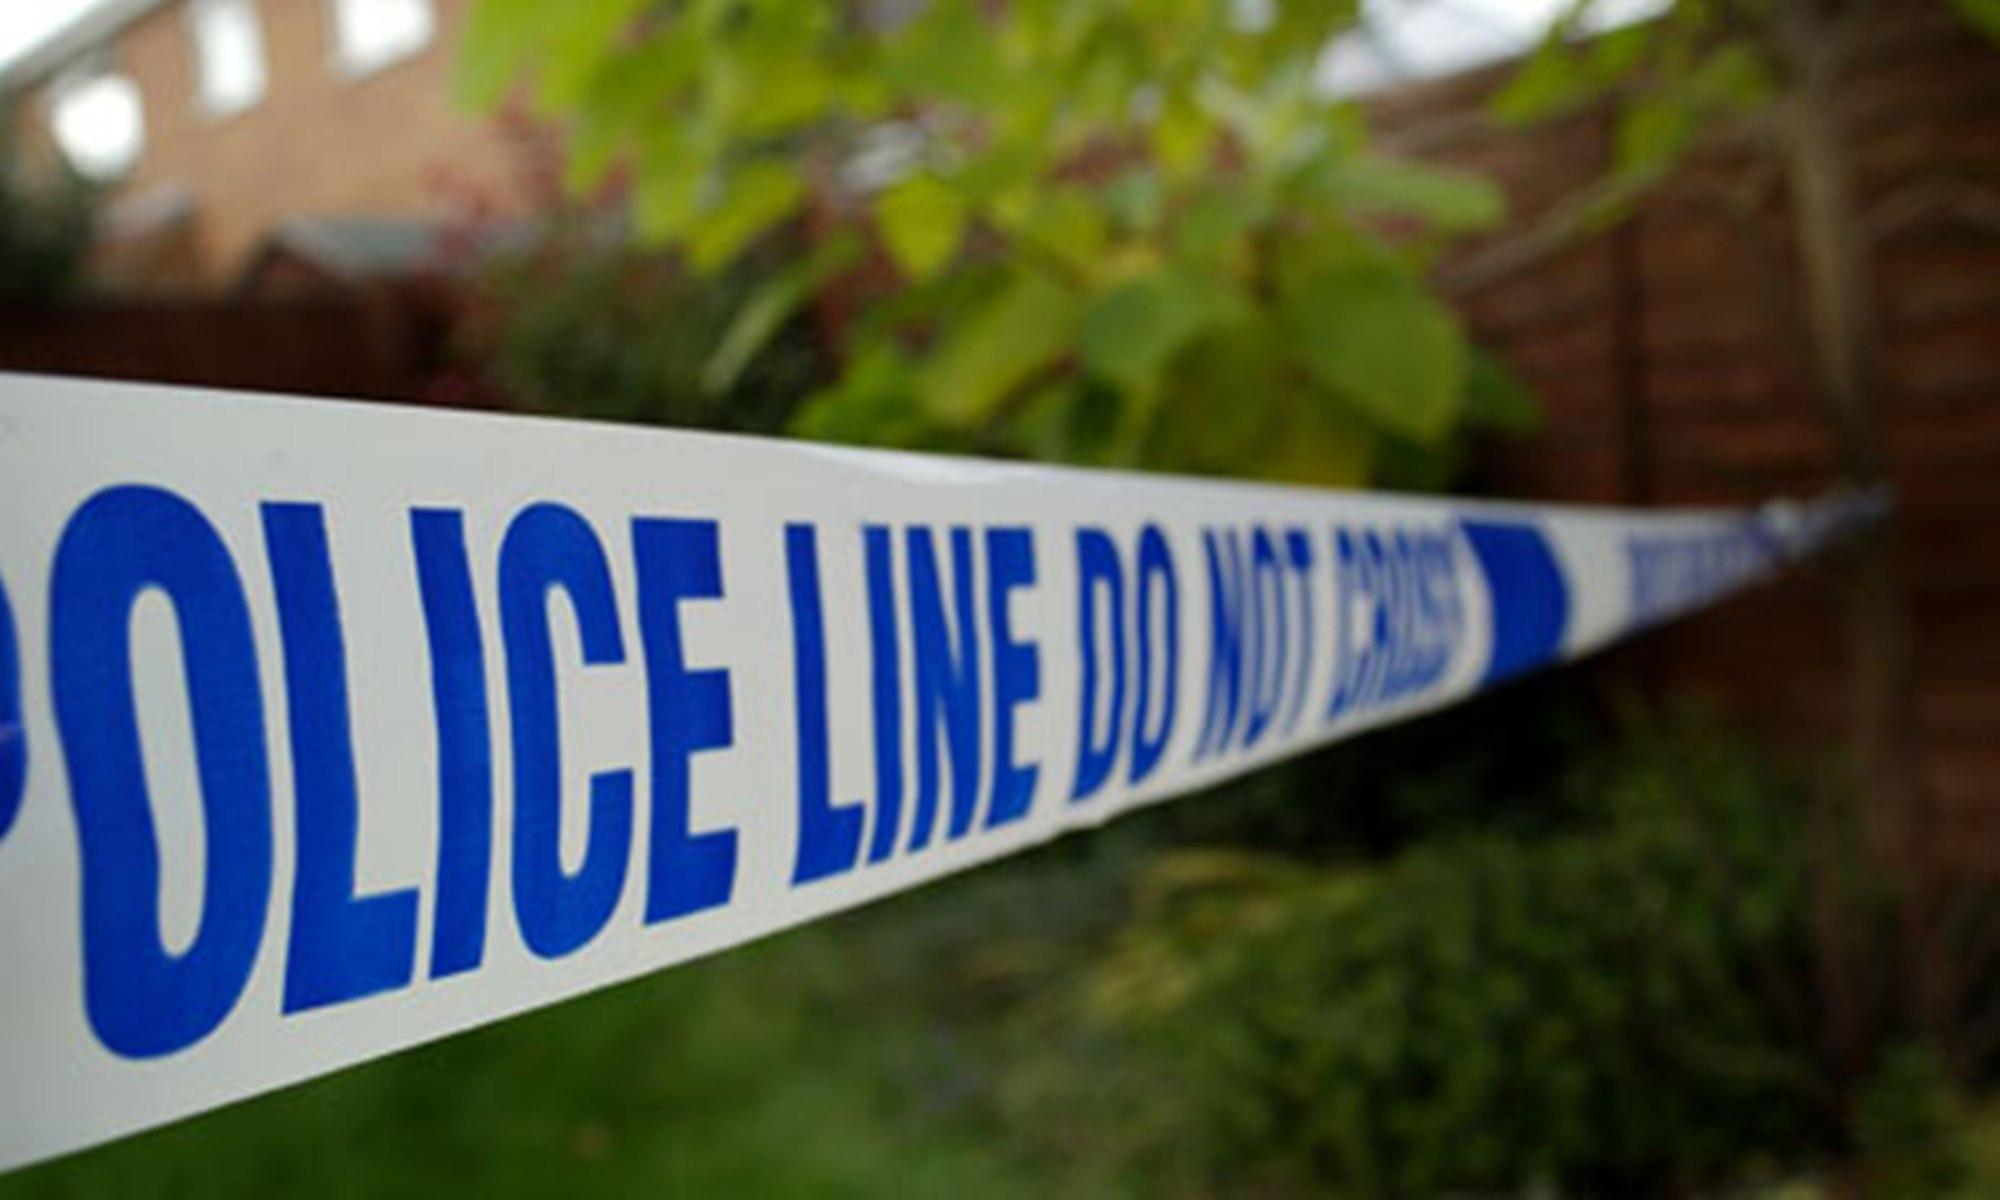 Lancashire Telegraph: Blackburn 'rape victim had injuries'